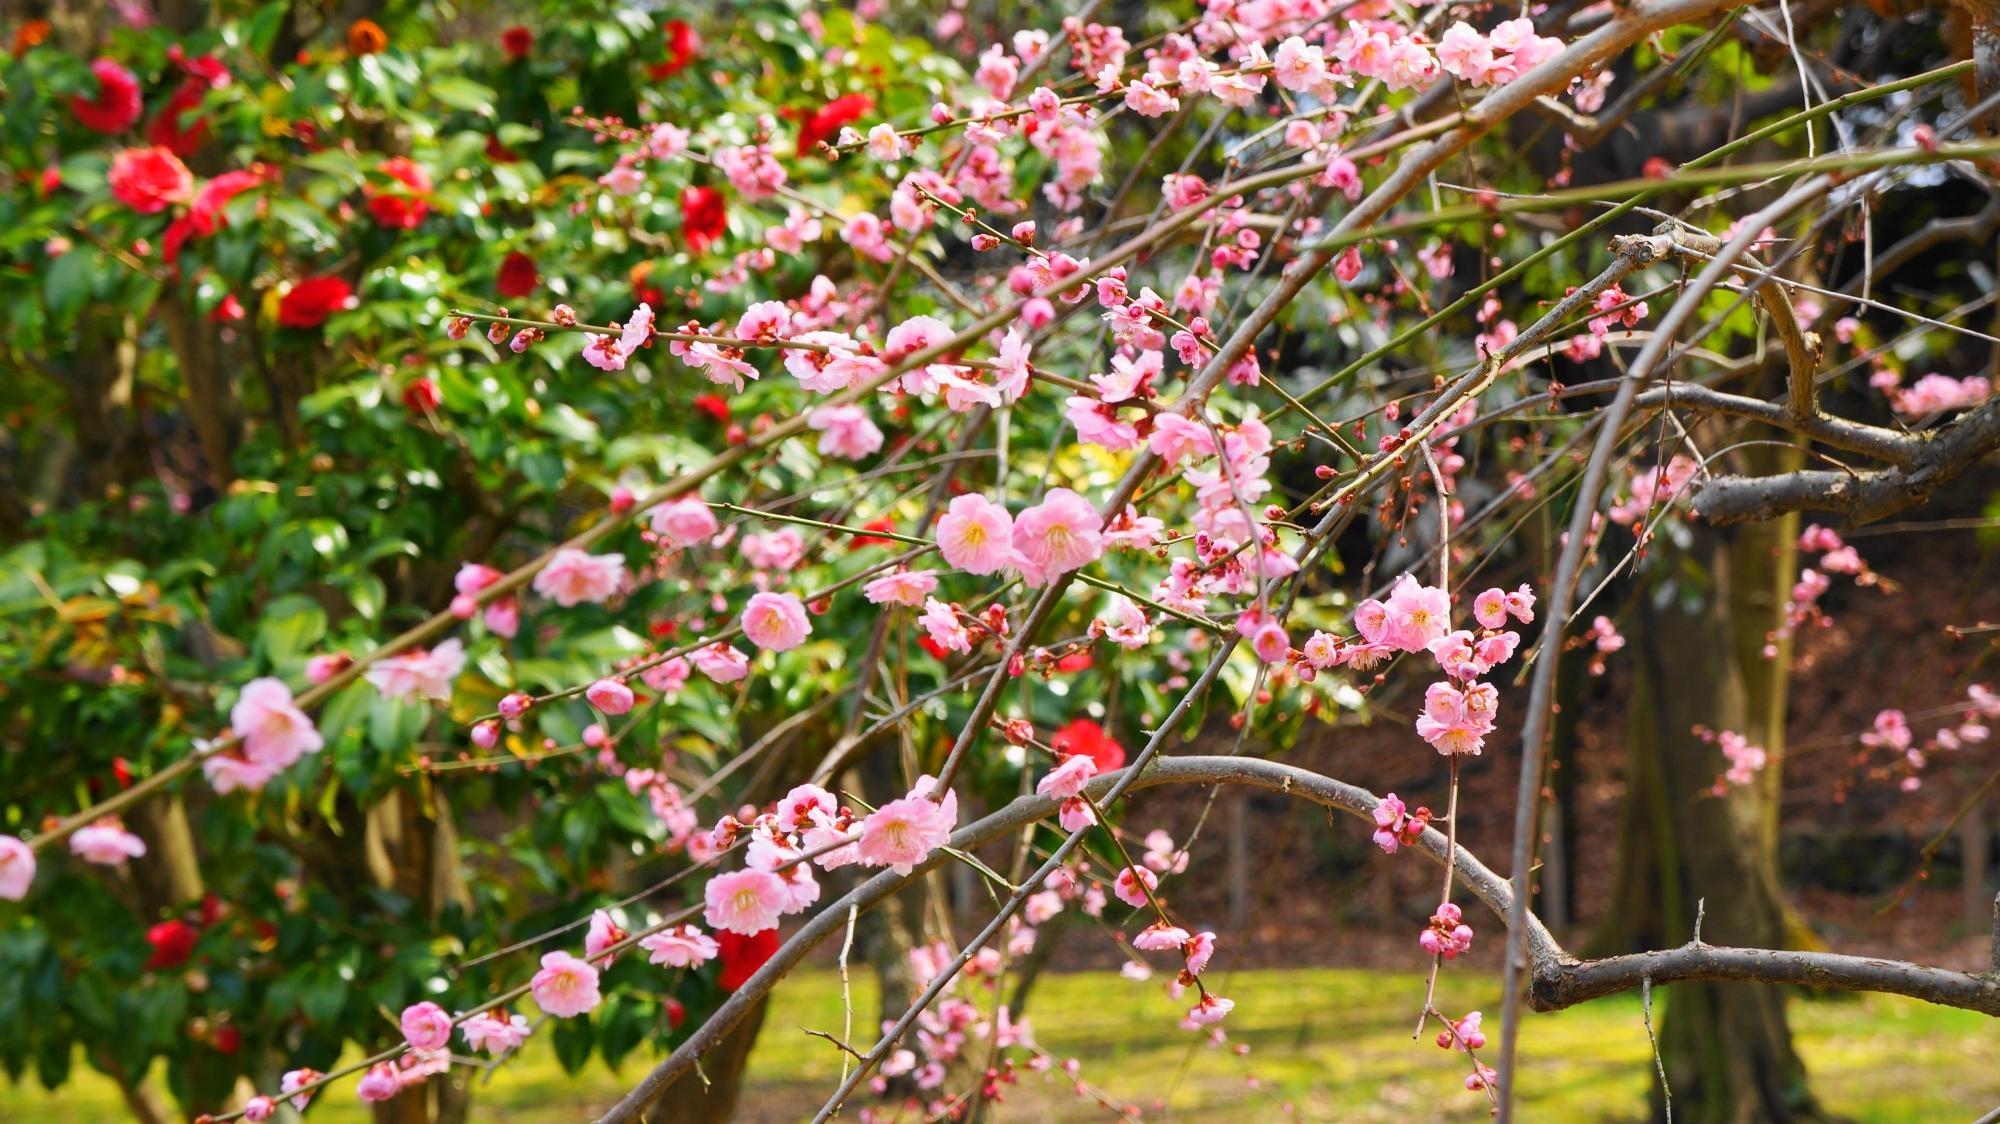 緑や椿を背景にした華やかなしだれ梅